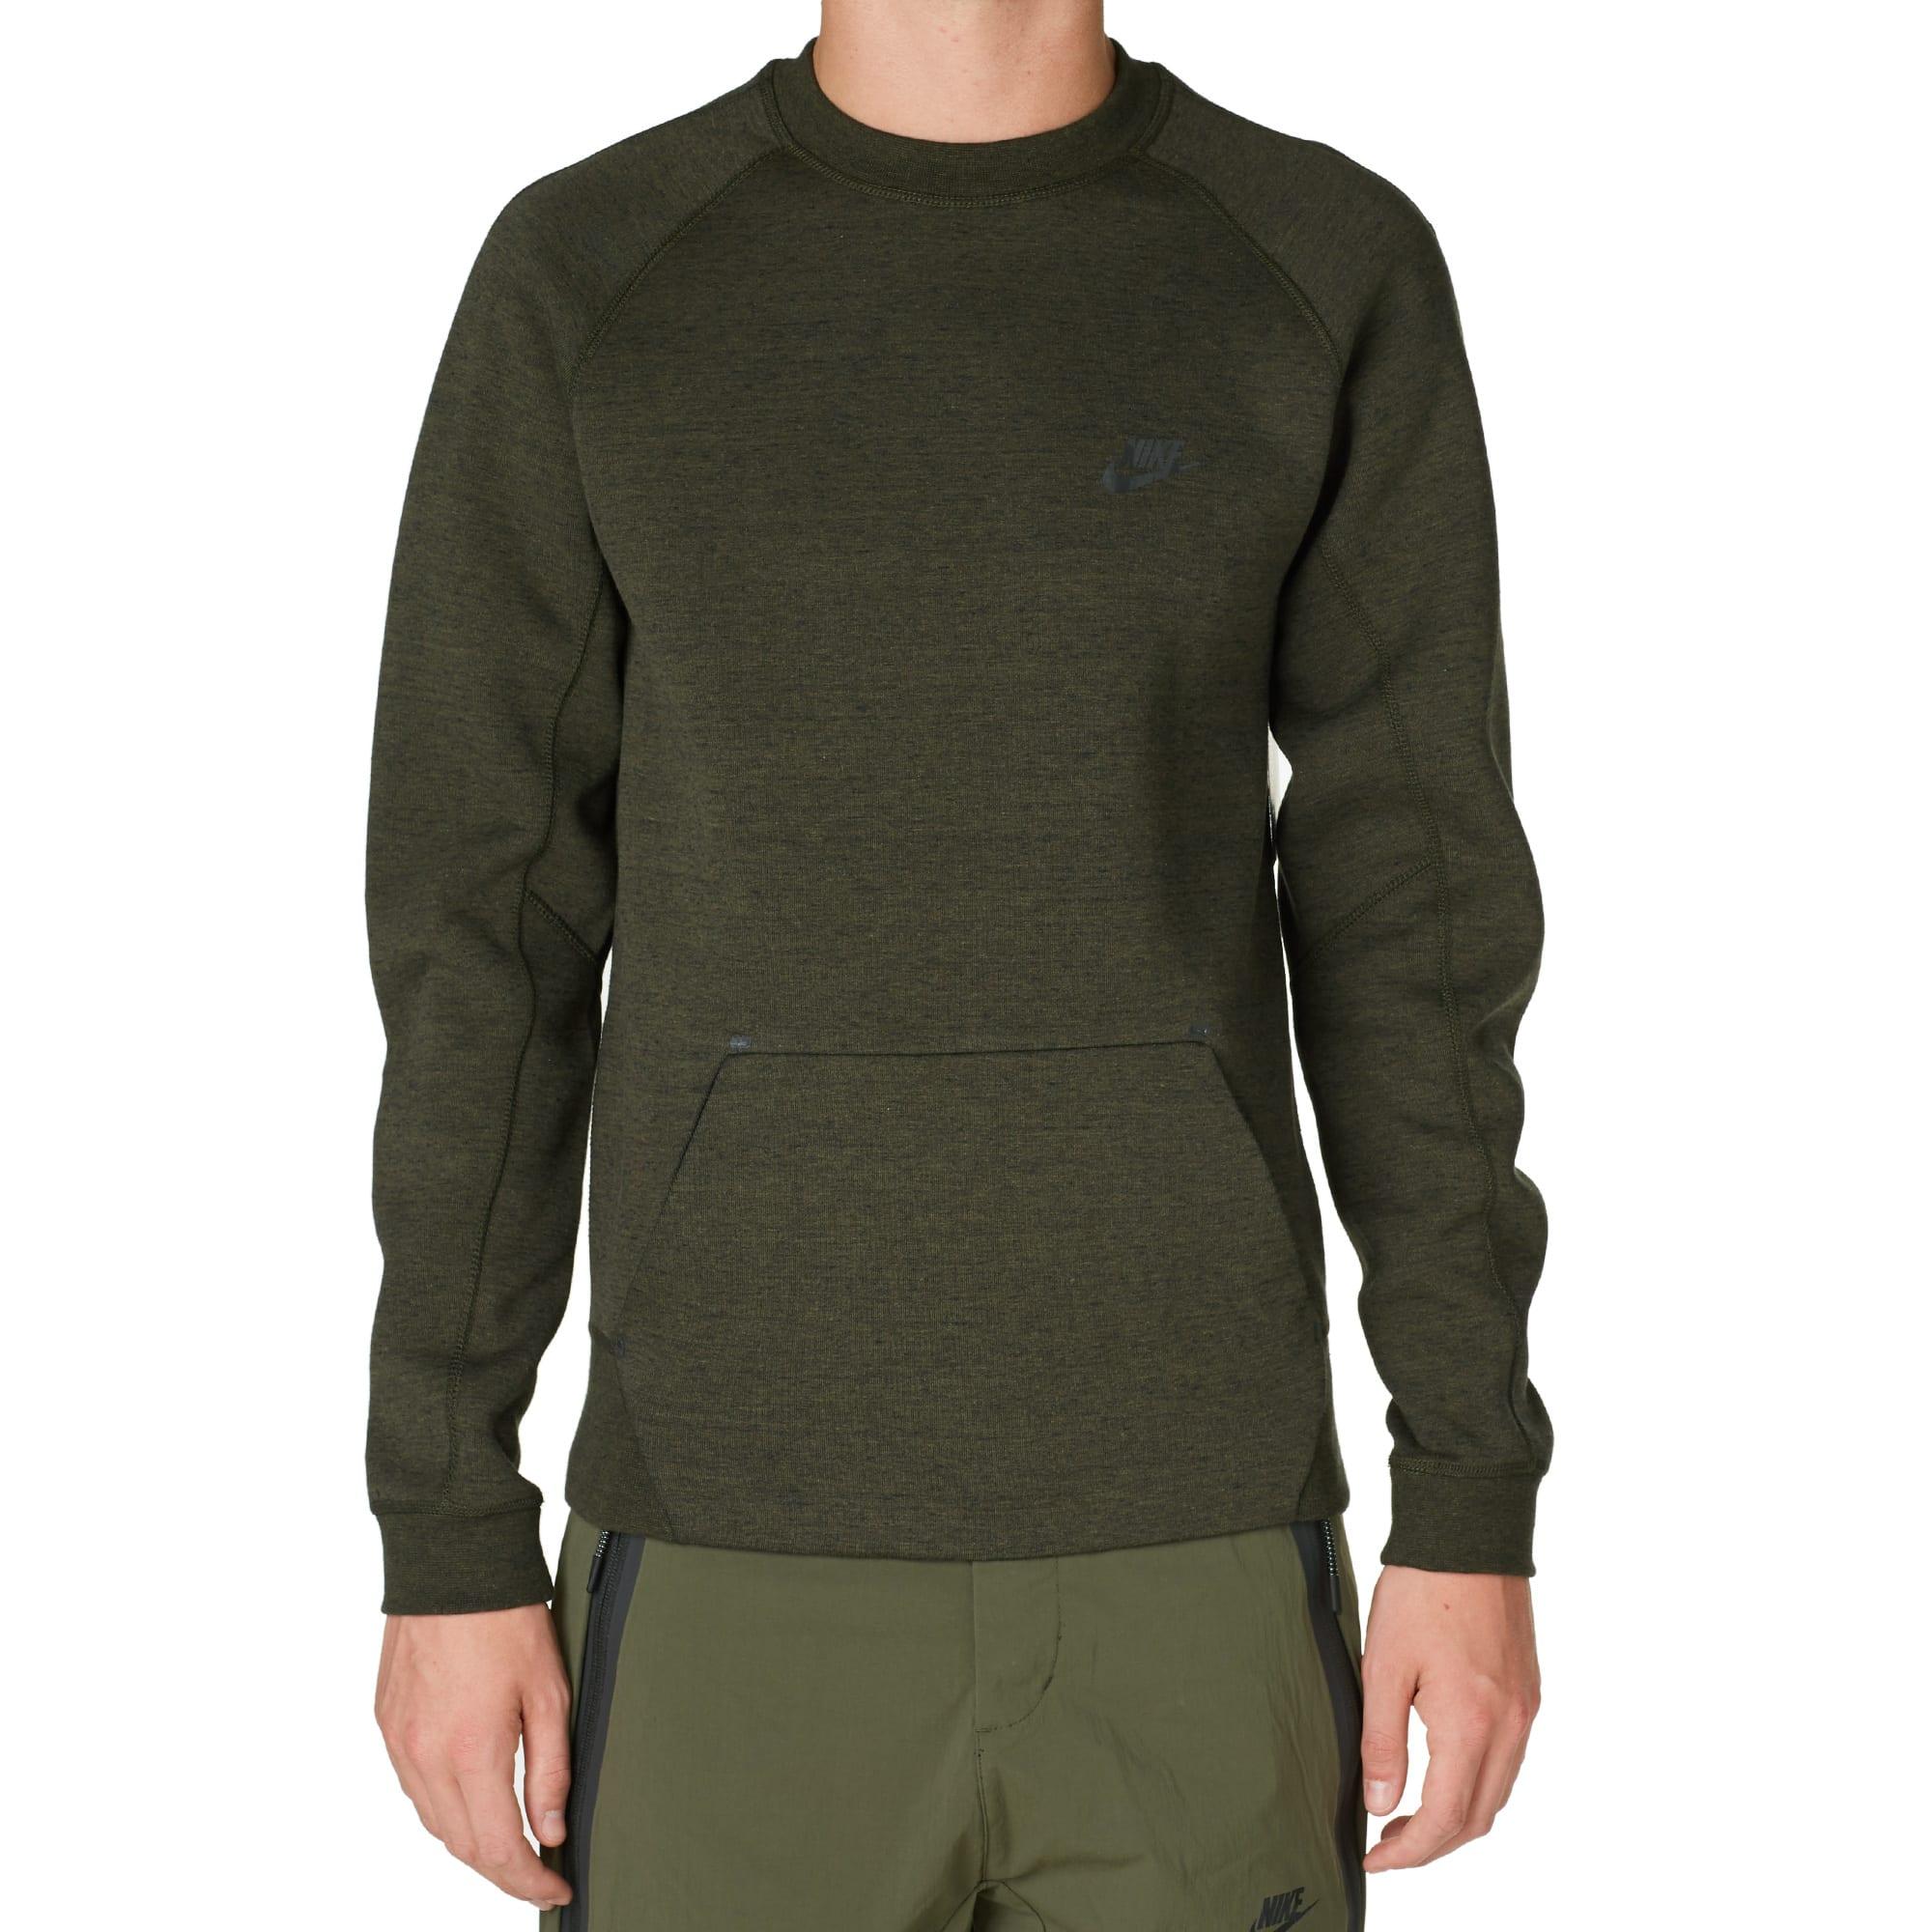 b971a6fb Nike Tech Fleece Crew Cargo Khaki & Black | END.